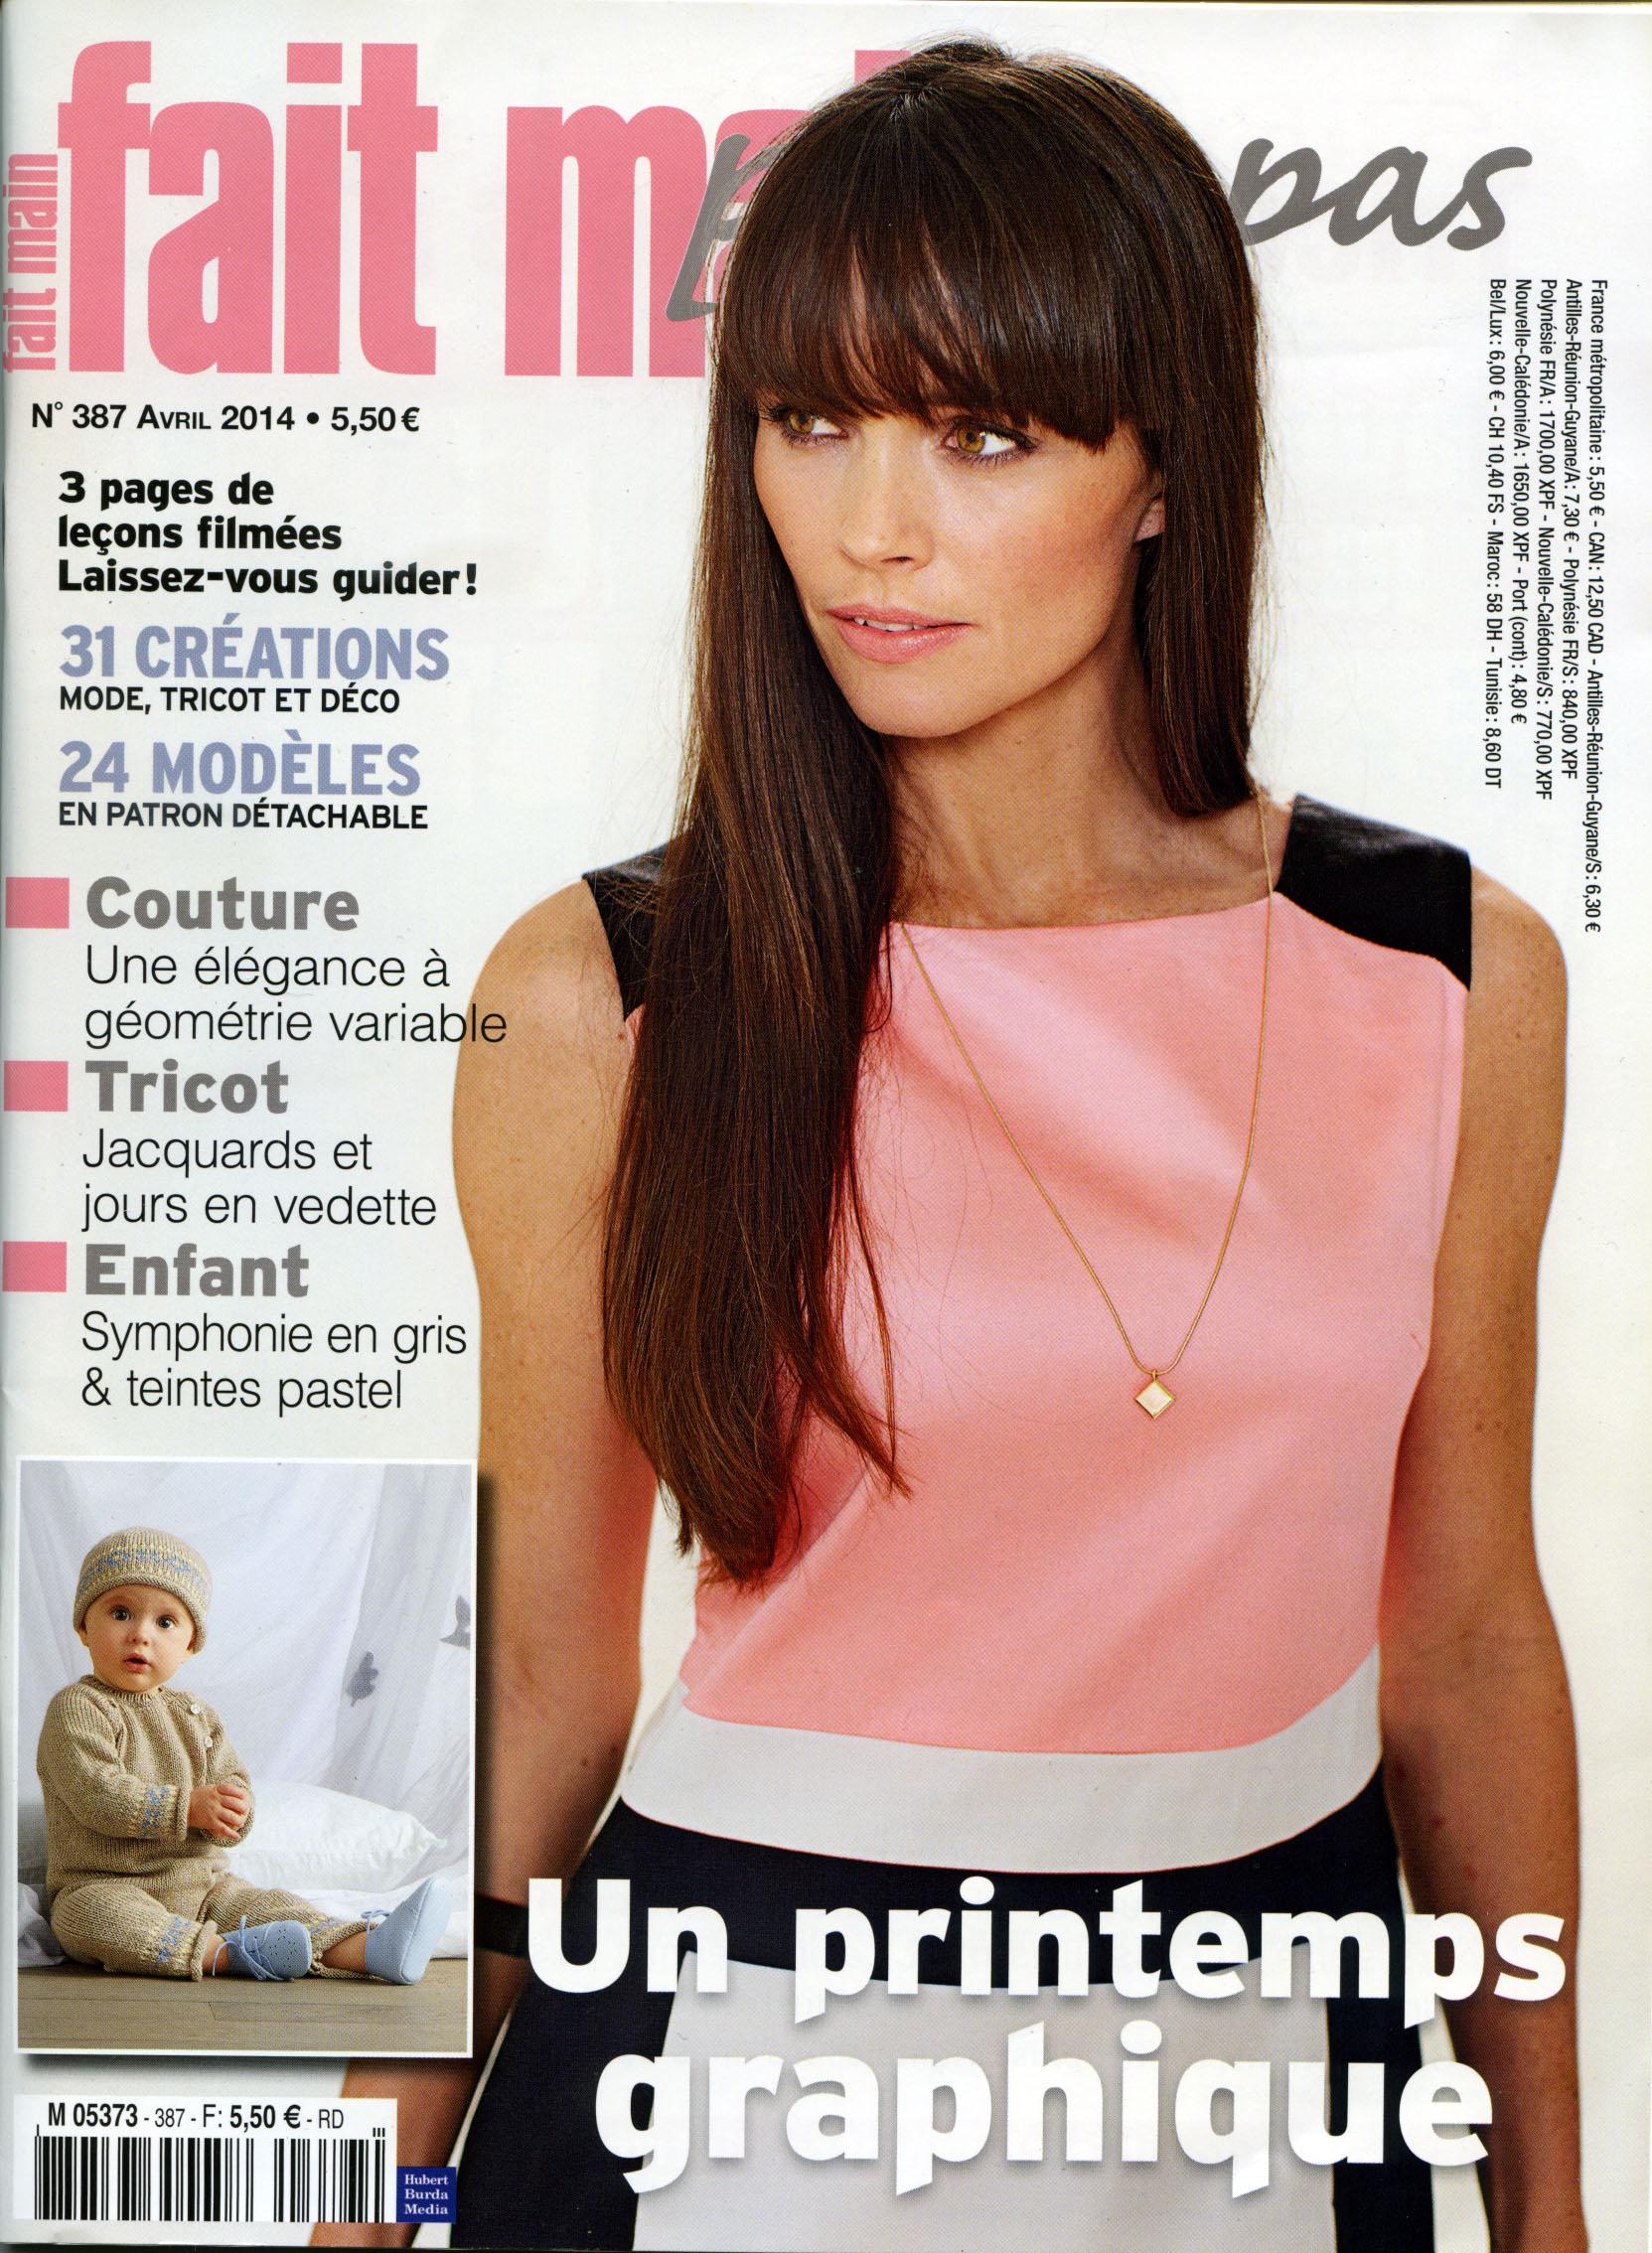 1404-pfaff-faitmain-cover